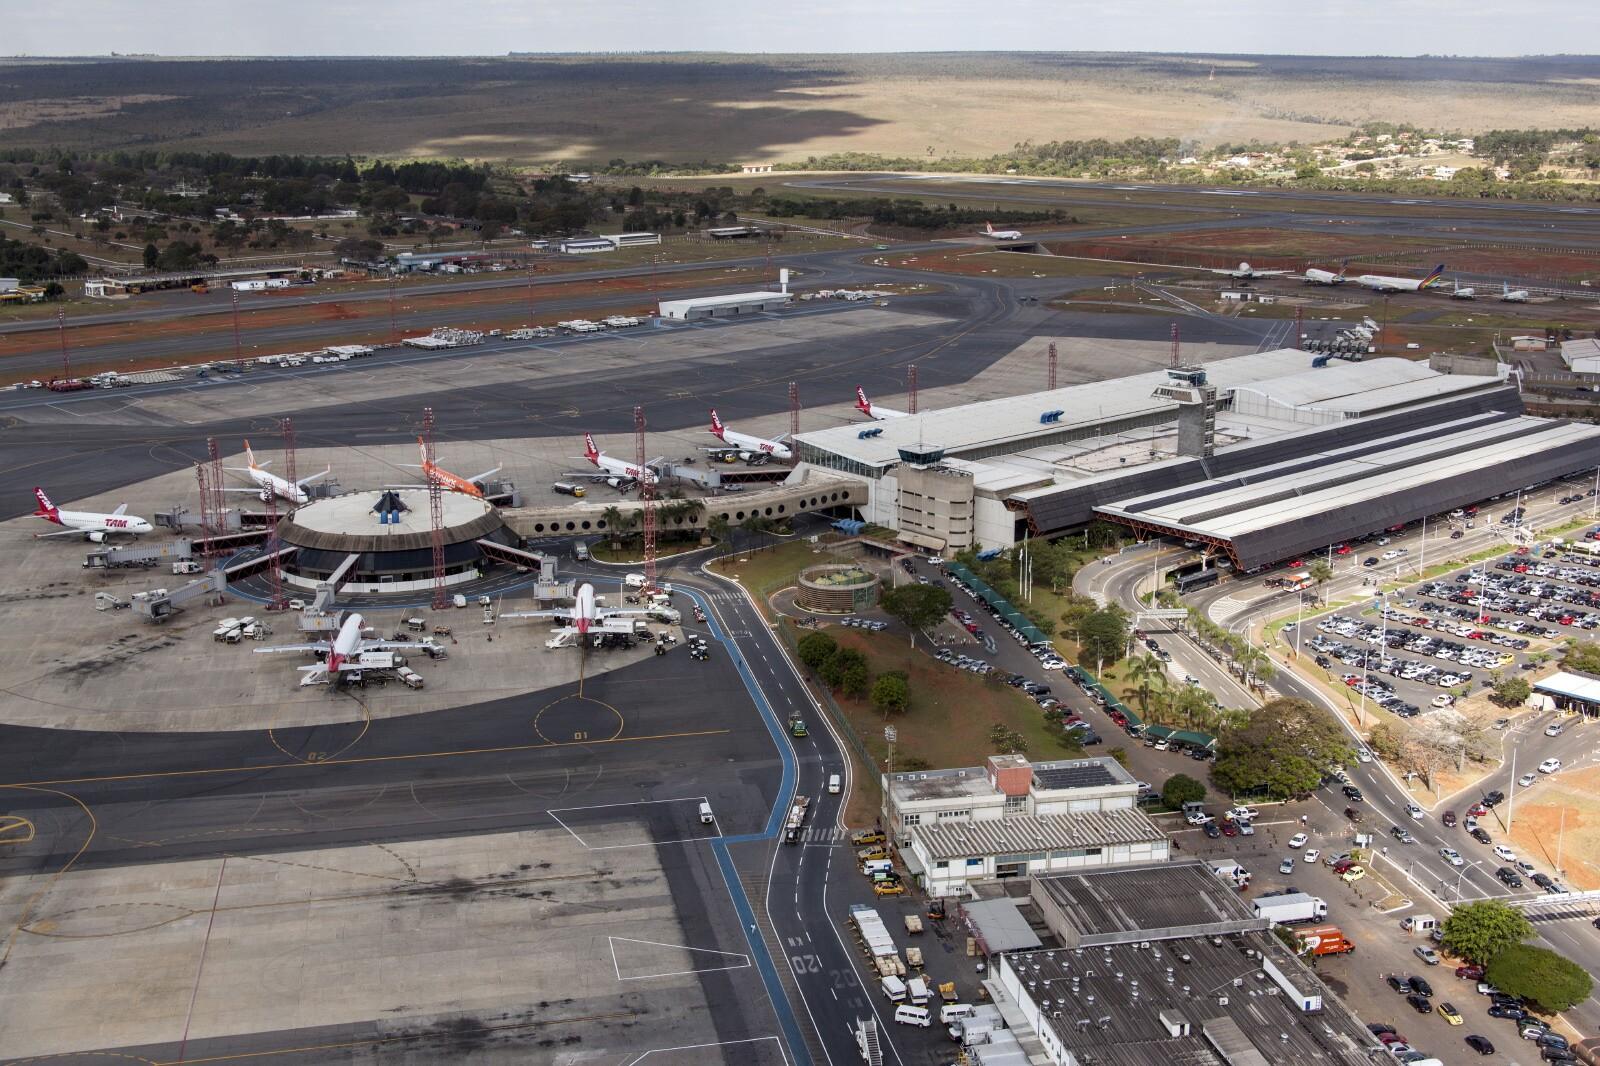 Aeroporto Juscelino Kubitschek : Avião com destino aos eua faz pouso não previsto em